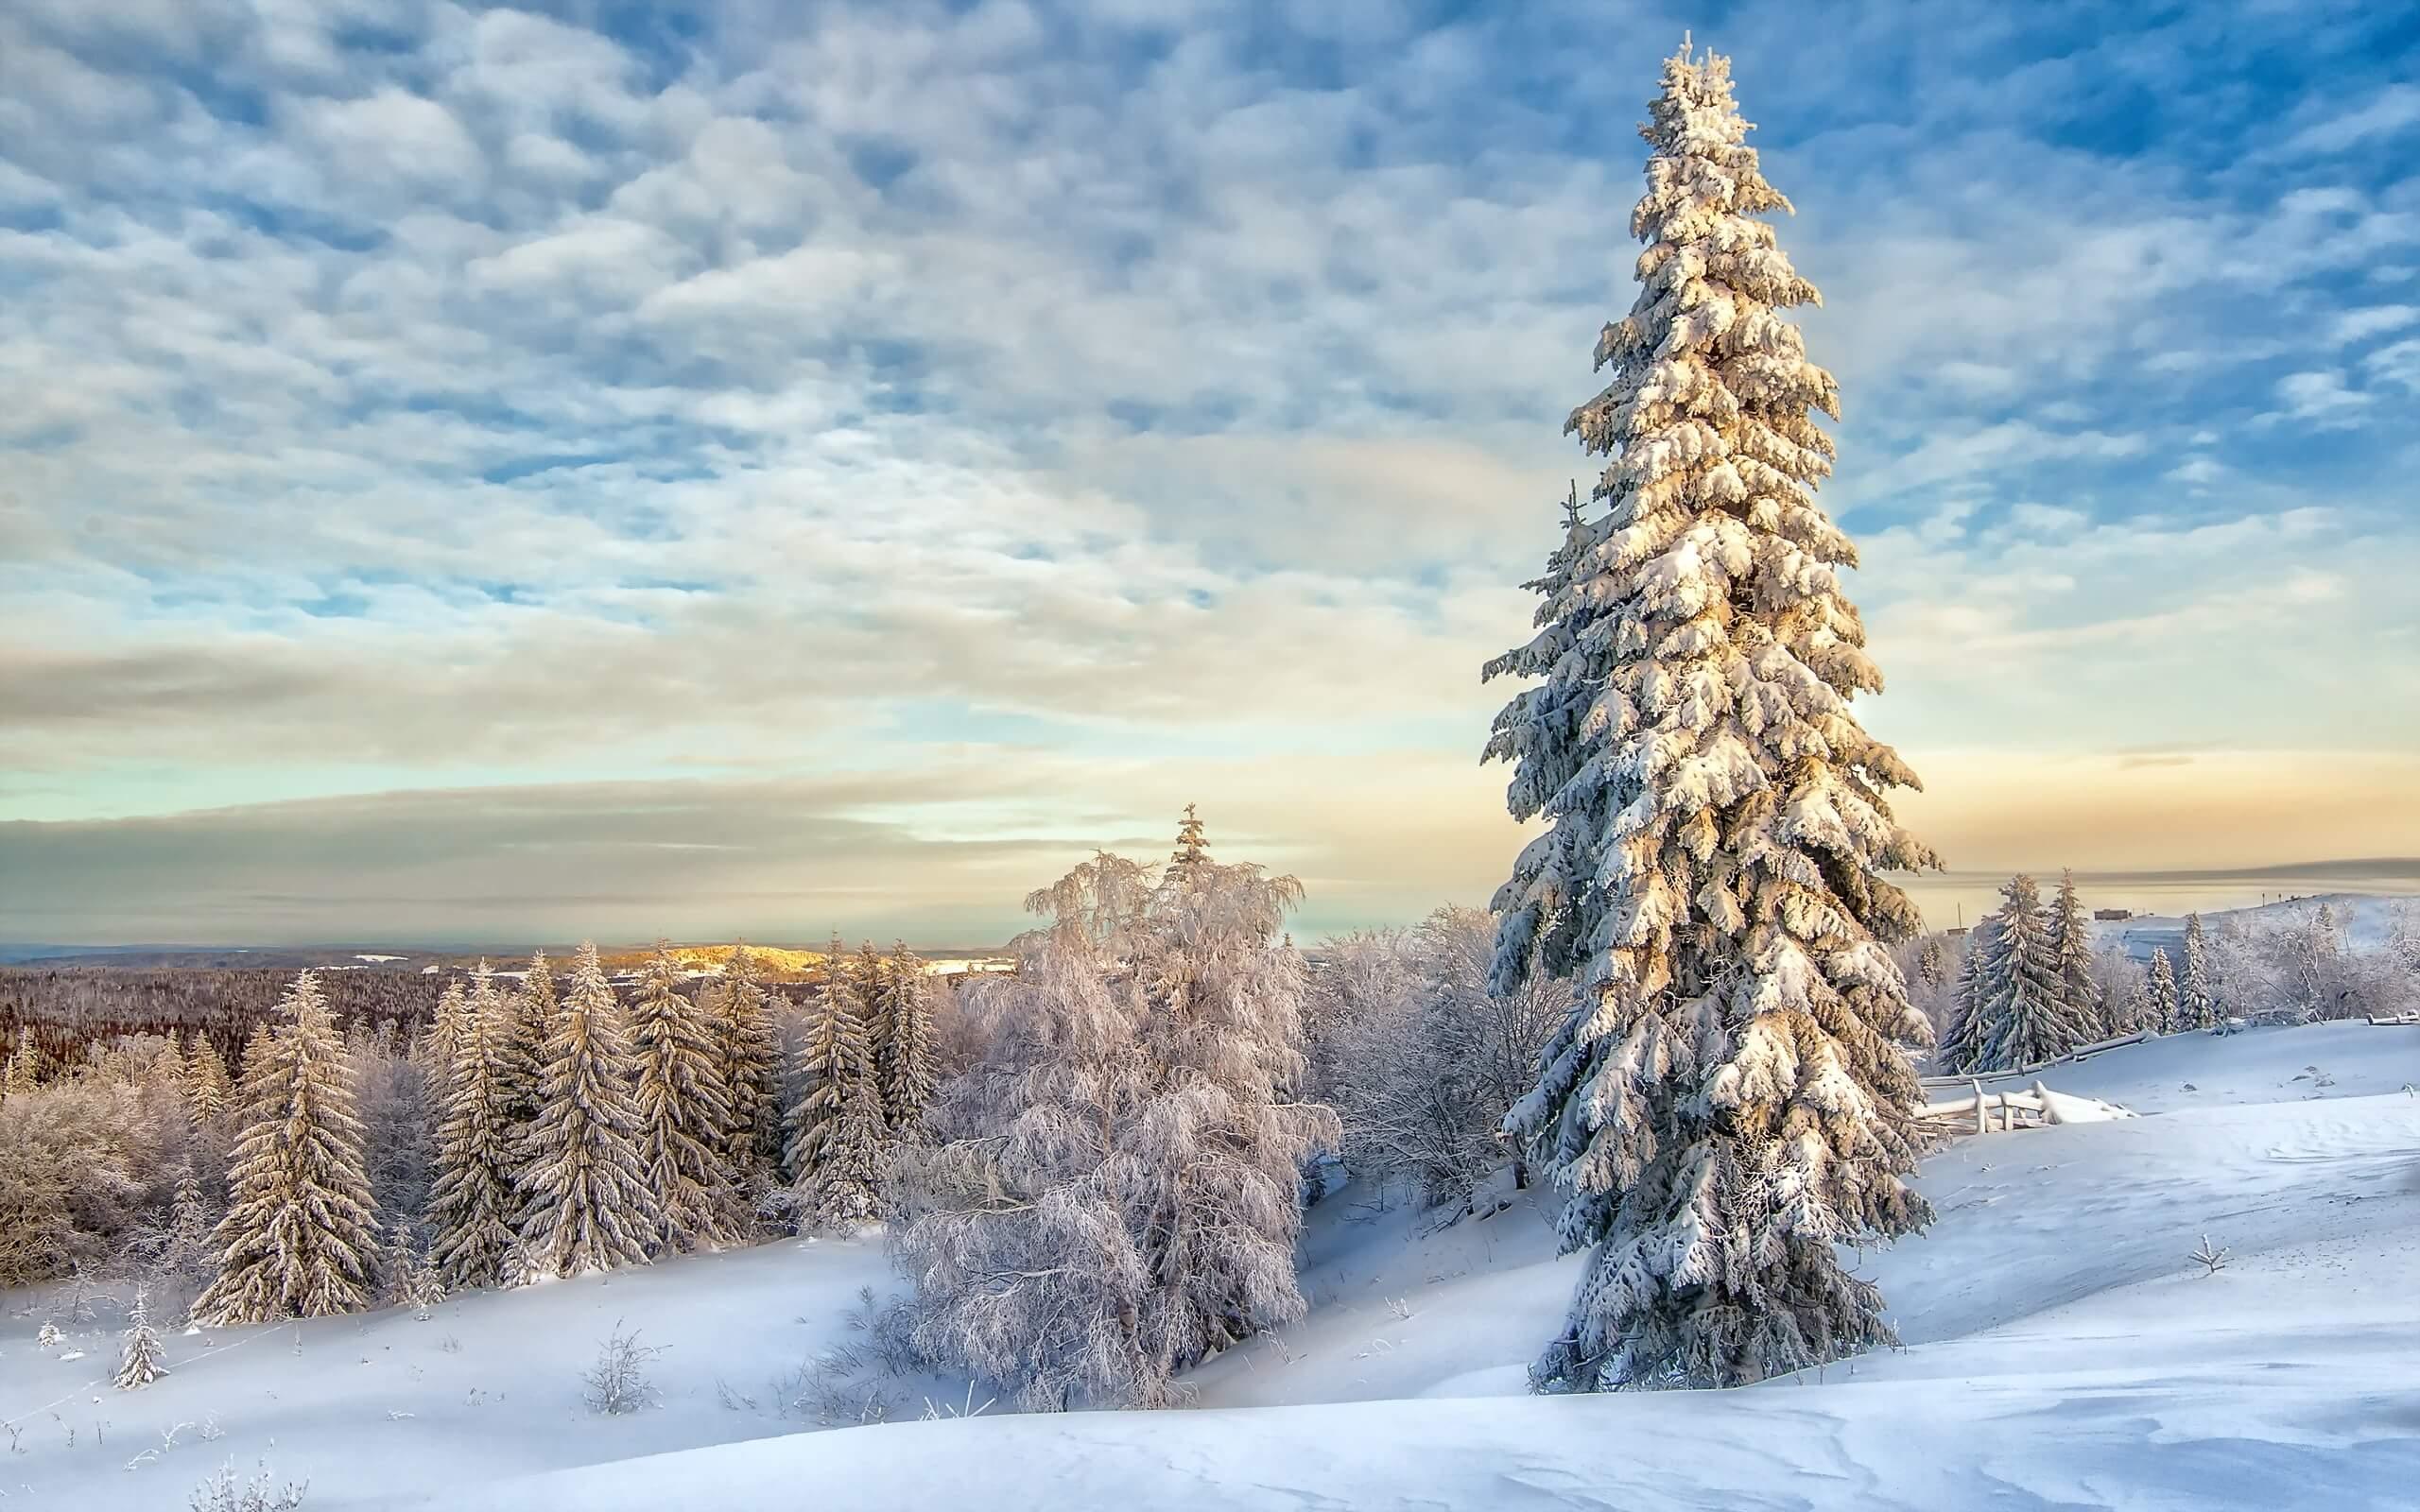 Красивые зимние картинки, пейзажи природы - подборка 25 штук 1